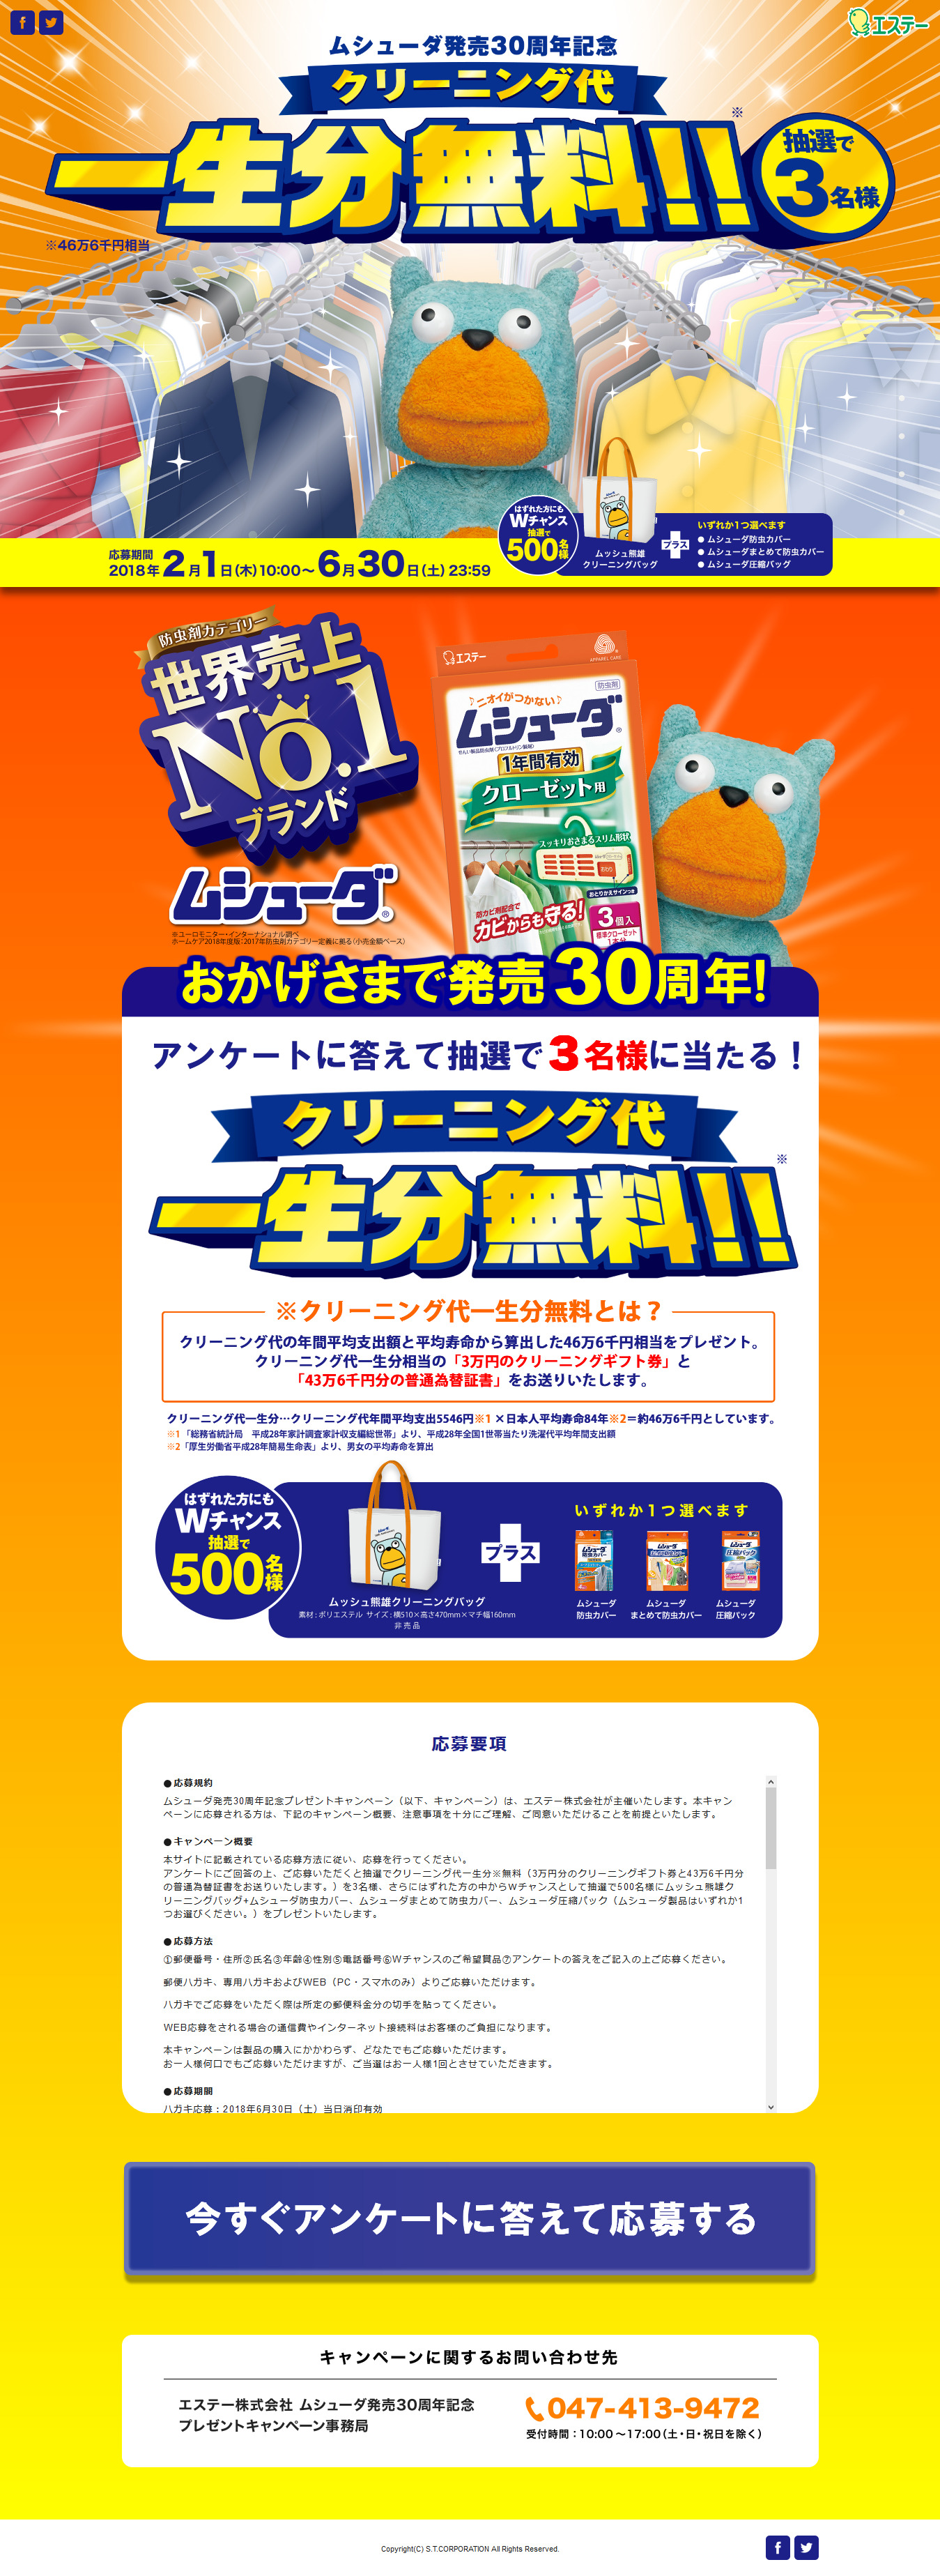 【エステー】ムシューダ発売30周年記念プレゼントキャンペーン